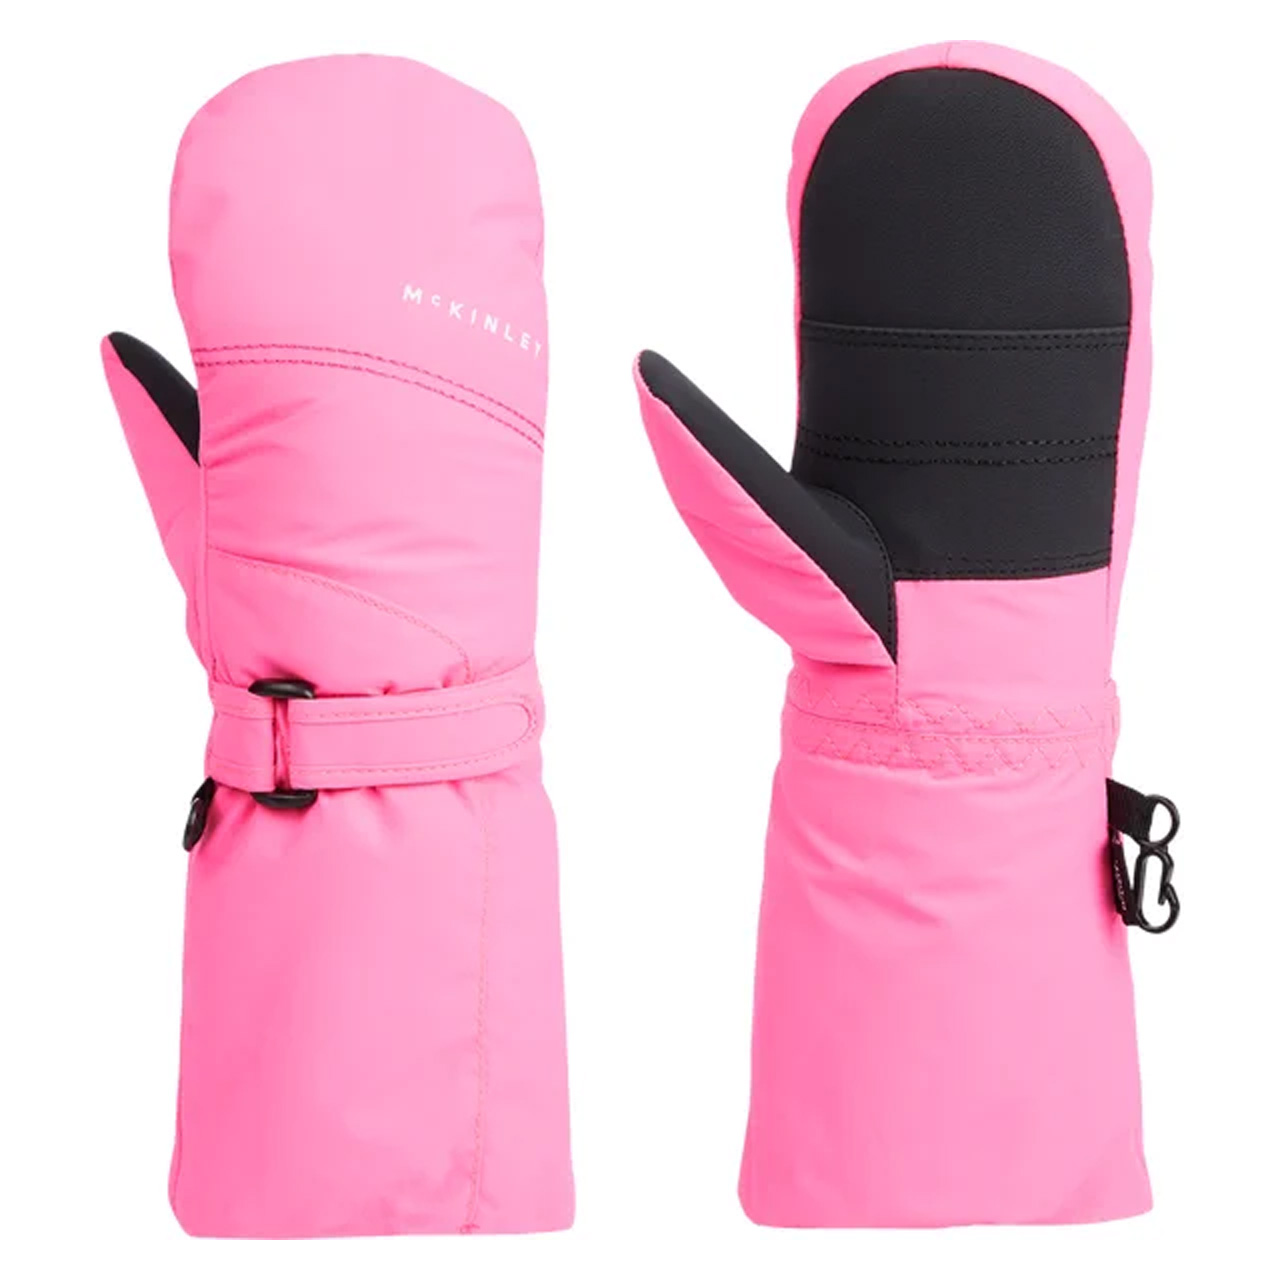 McKINLEY Kinder F/äustling Adriel Ii Handschuhe